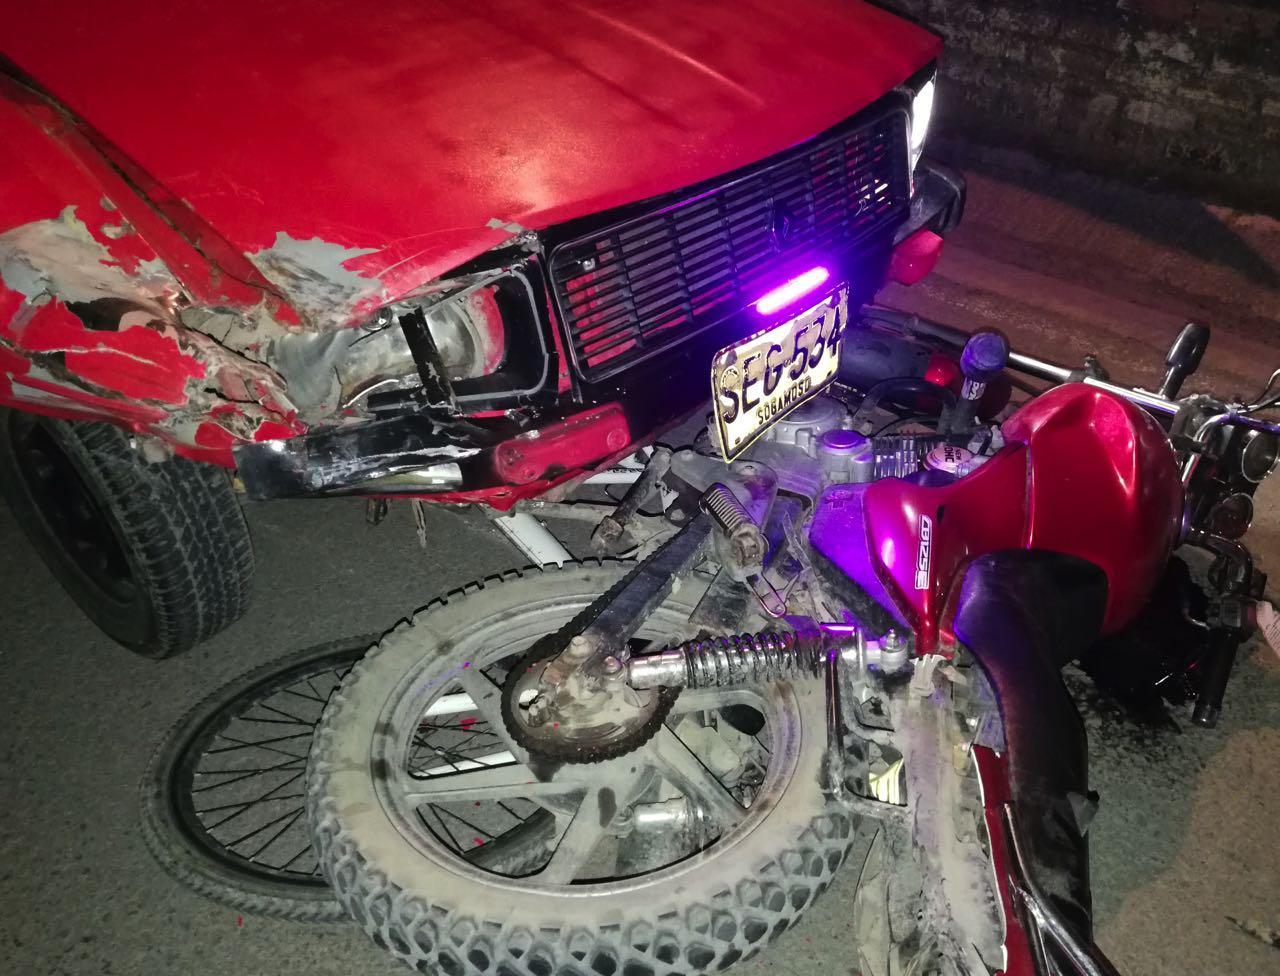 Según informe de la Policía, el accidente ocurrió el 24 de diciembre hacia las 9:40 p.m. frente al cementerio en la entrada a Mongua